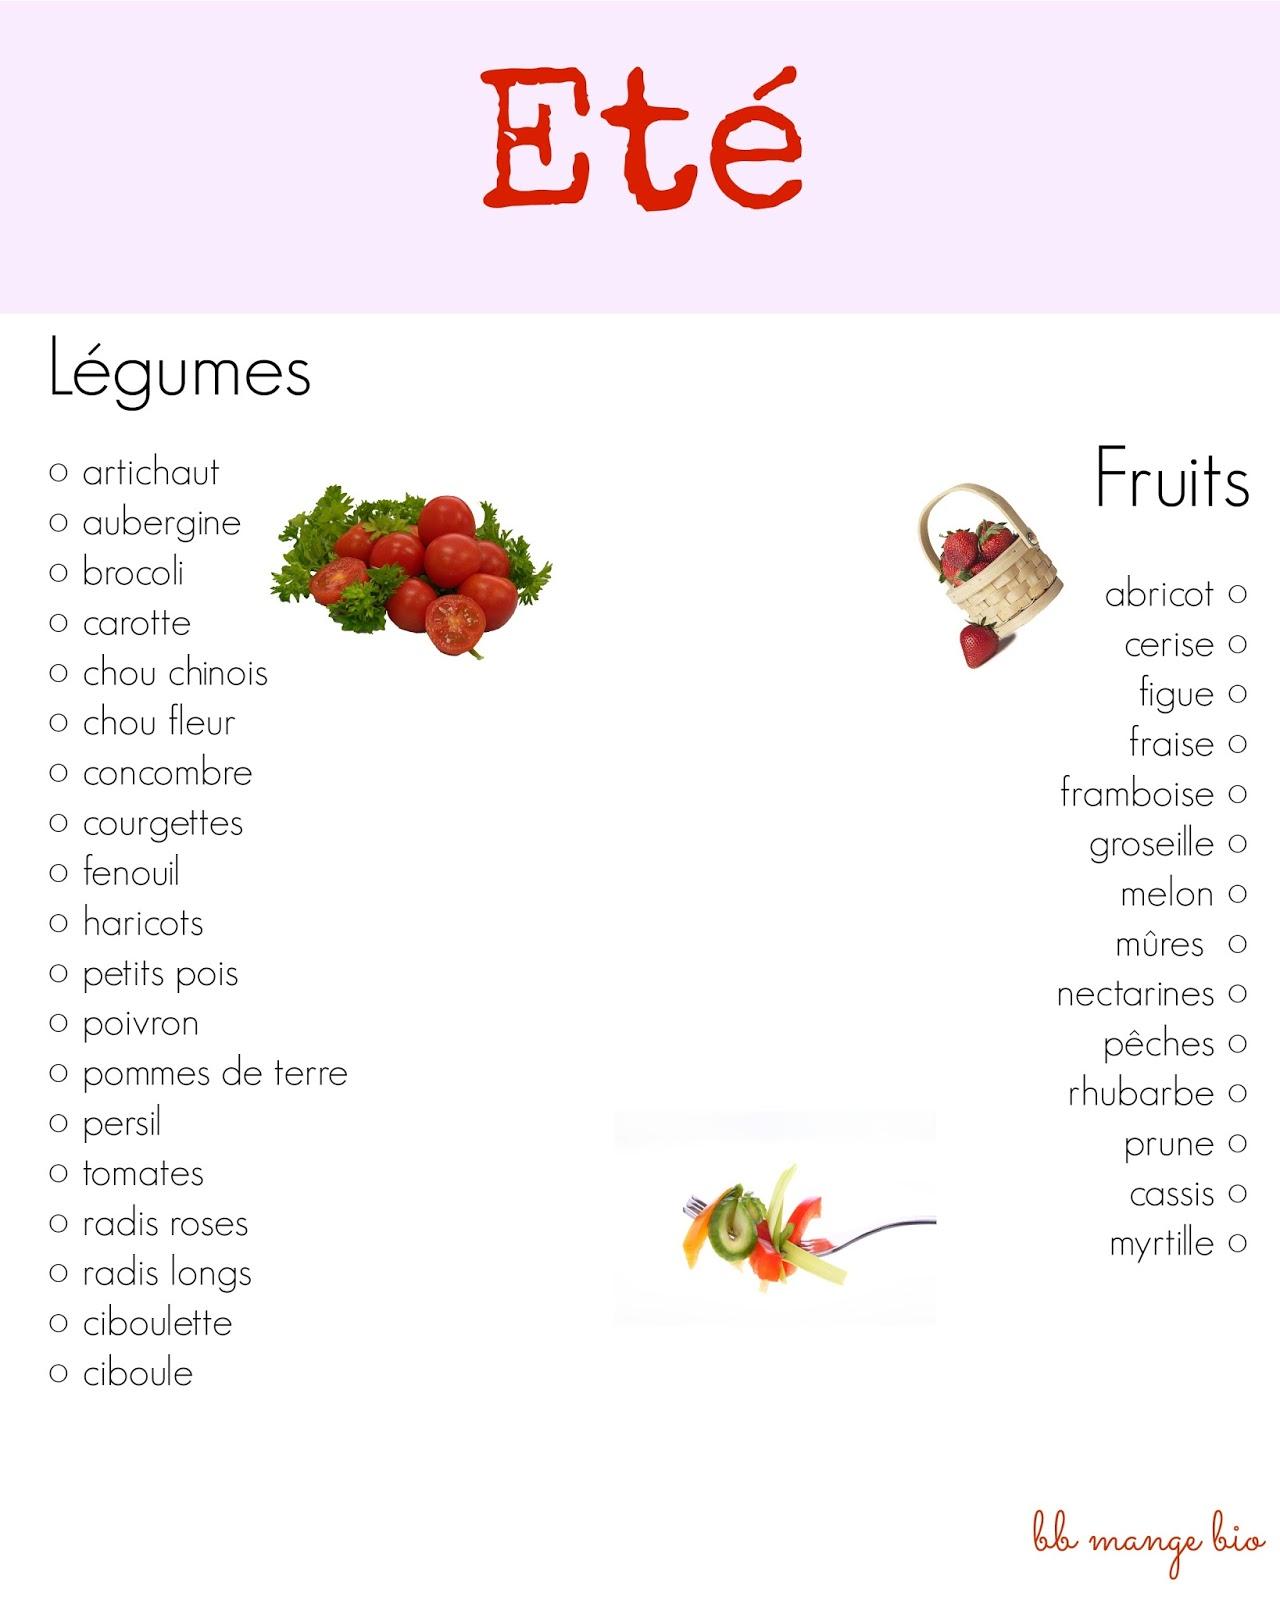 BB mange bio: Les fruits les légumes de saison